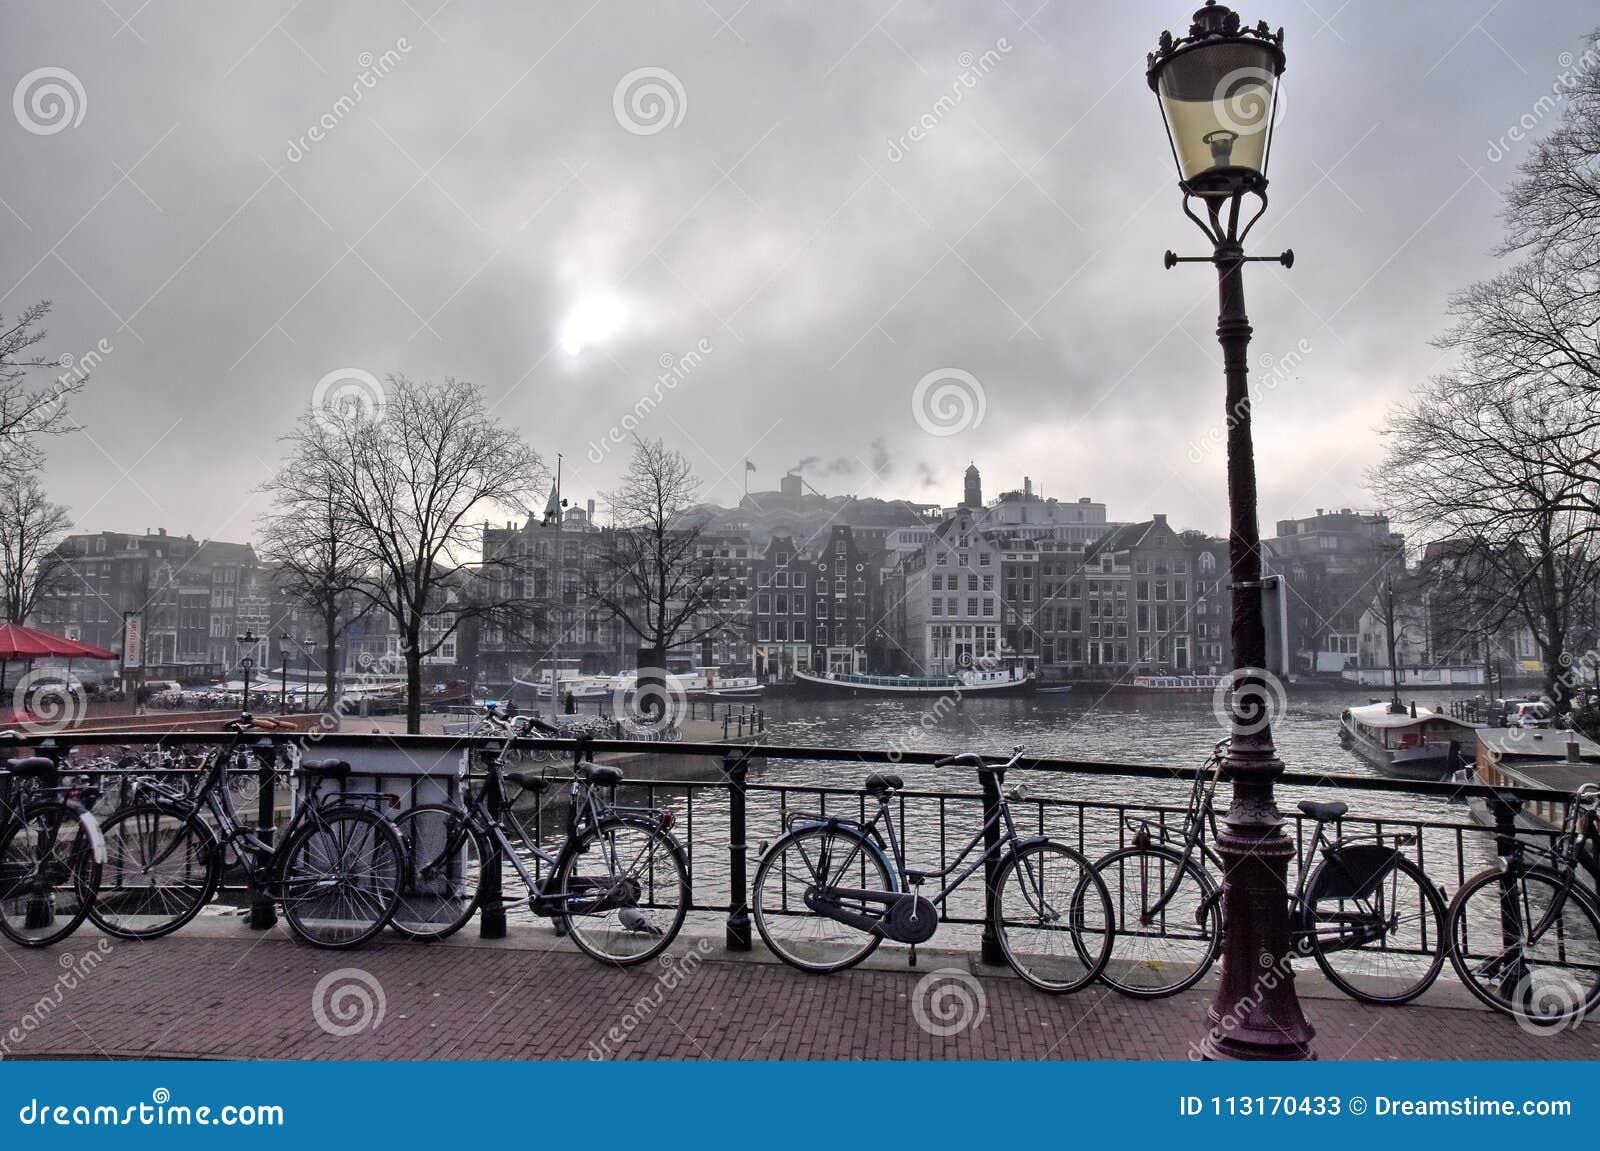 CANAIS DE AMSTERDÃO caminhada em Amsterdão